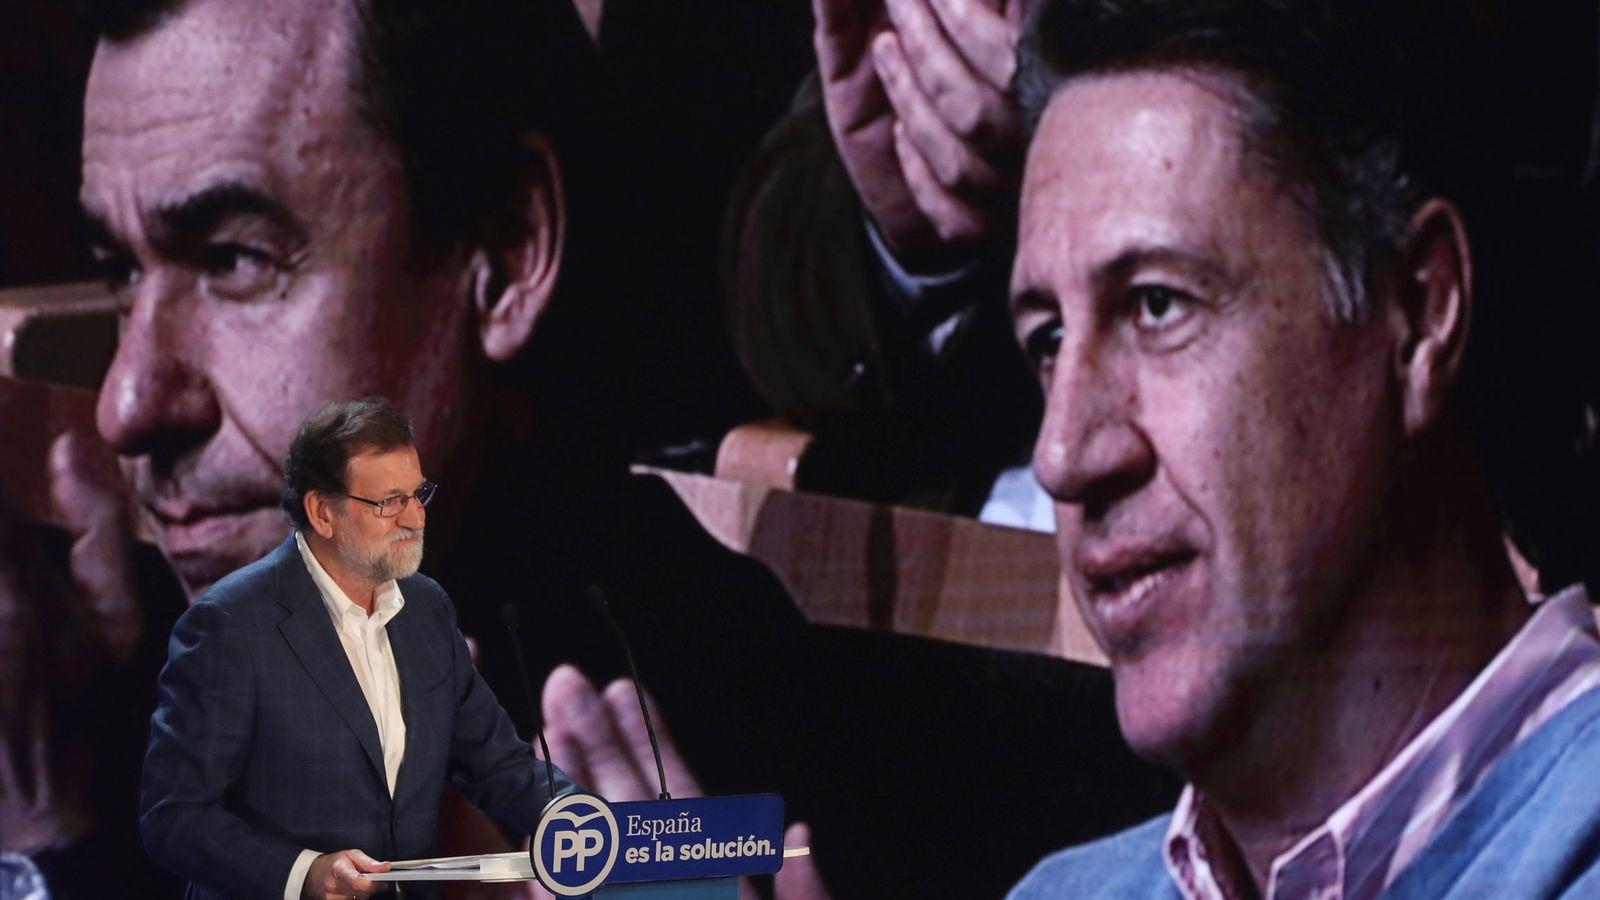 Foto: Rajoy, en la tribuna durante el mitin. (EFE)